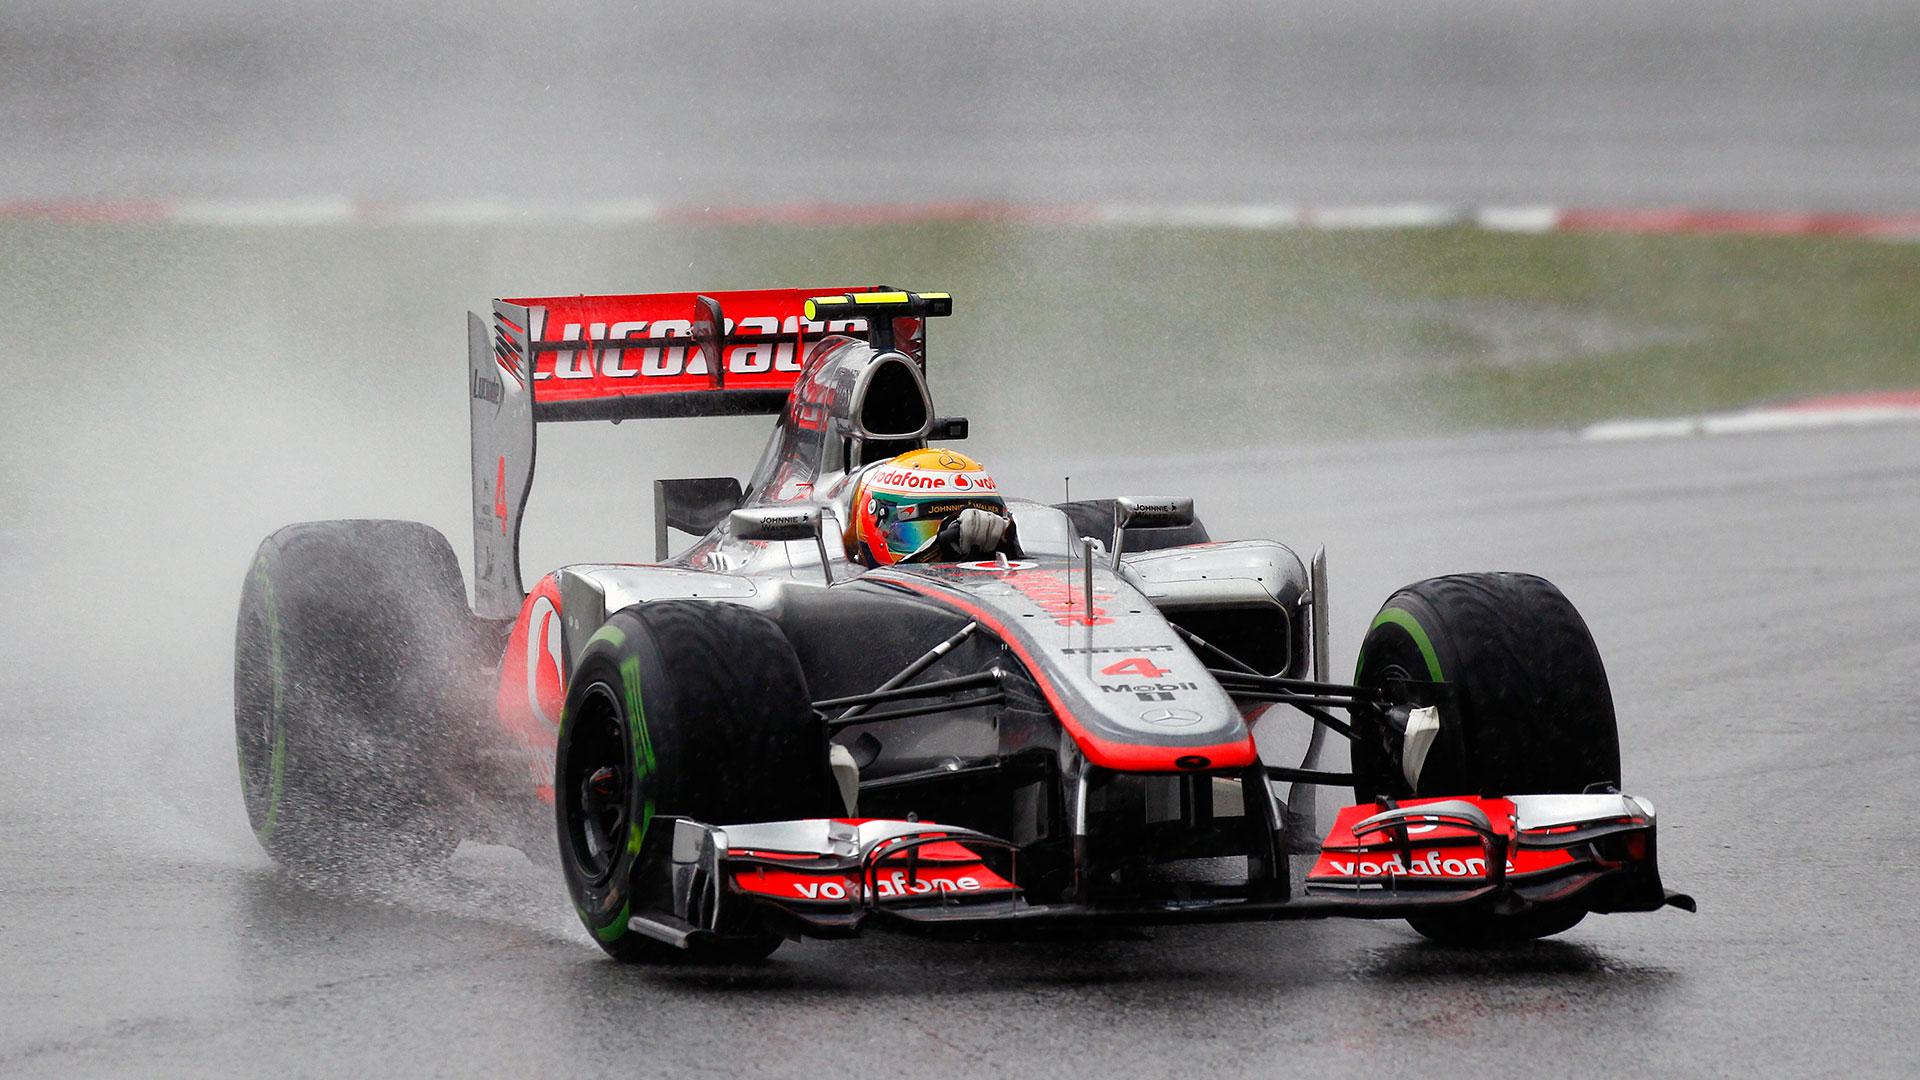 Equipe McLaren de Formula 1 de 2012 - f1-fansite.com